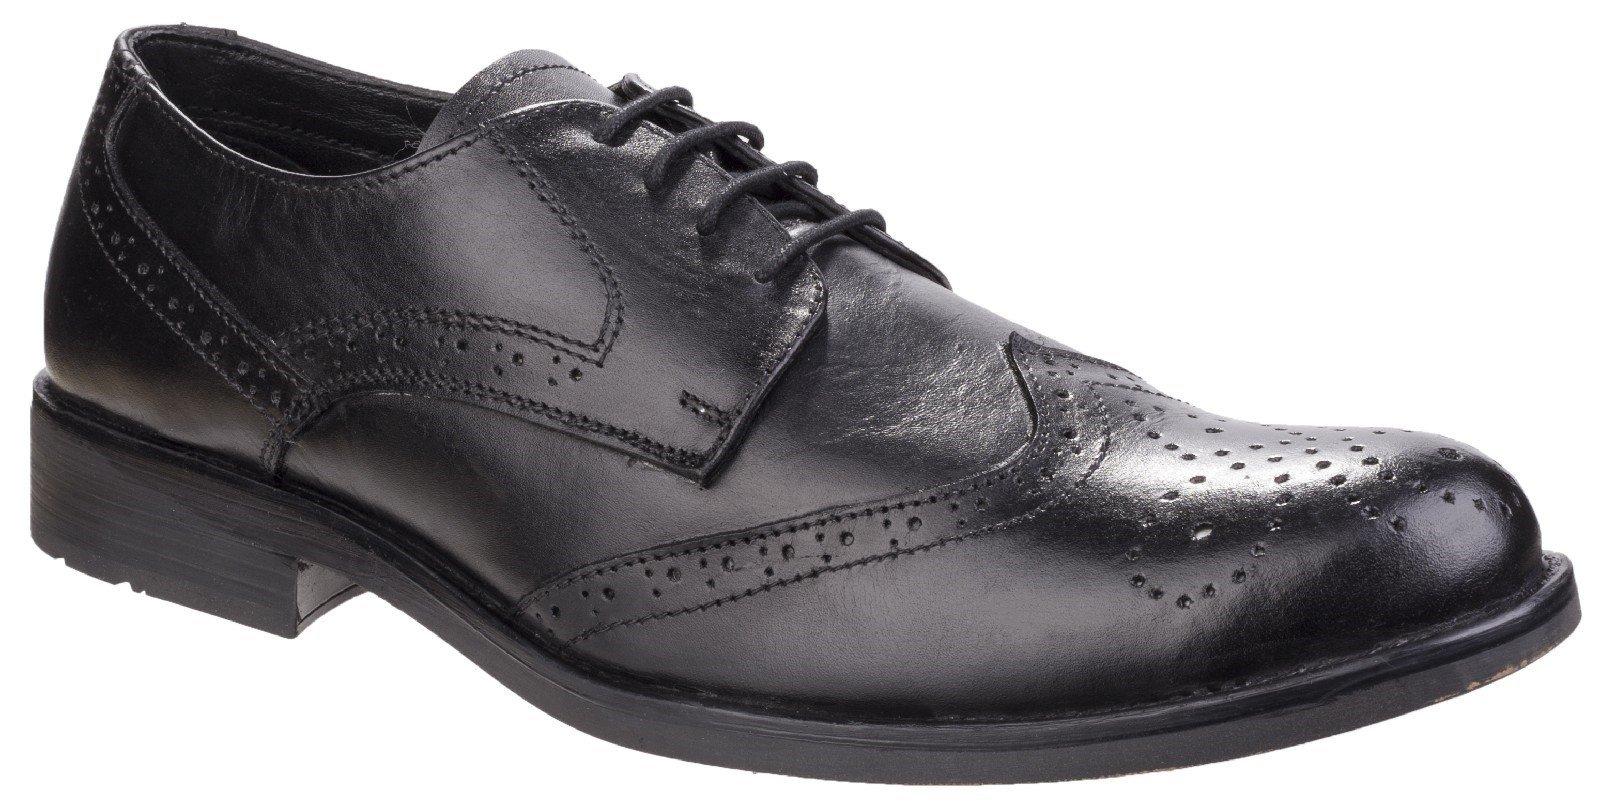 Fleet & Foster Women's Tom Lace Shoe Black 24954-41298 - Black 6